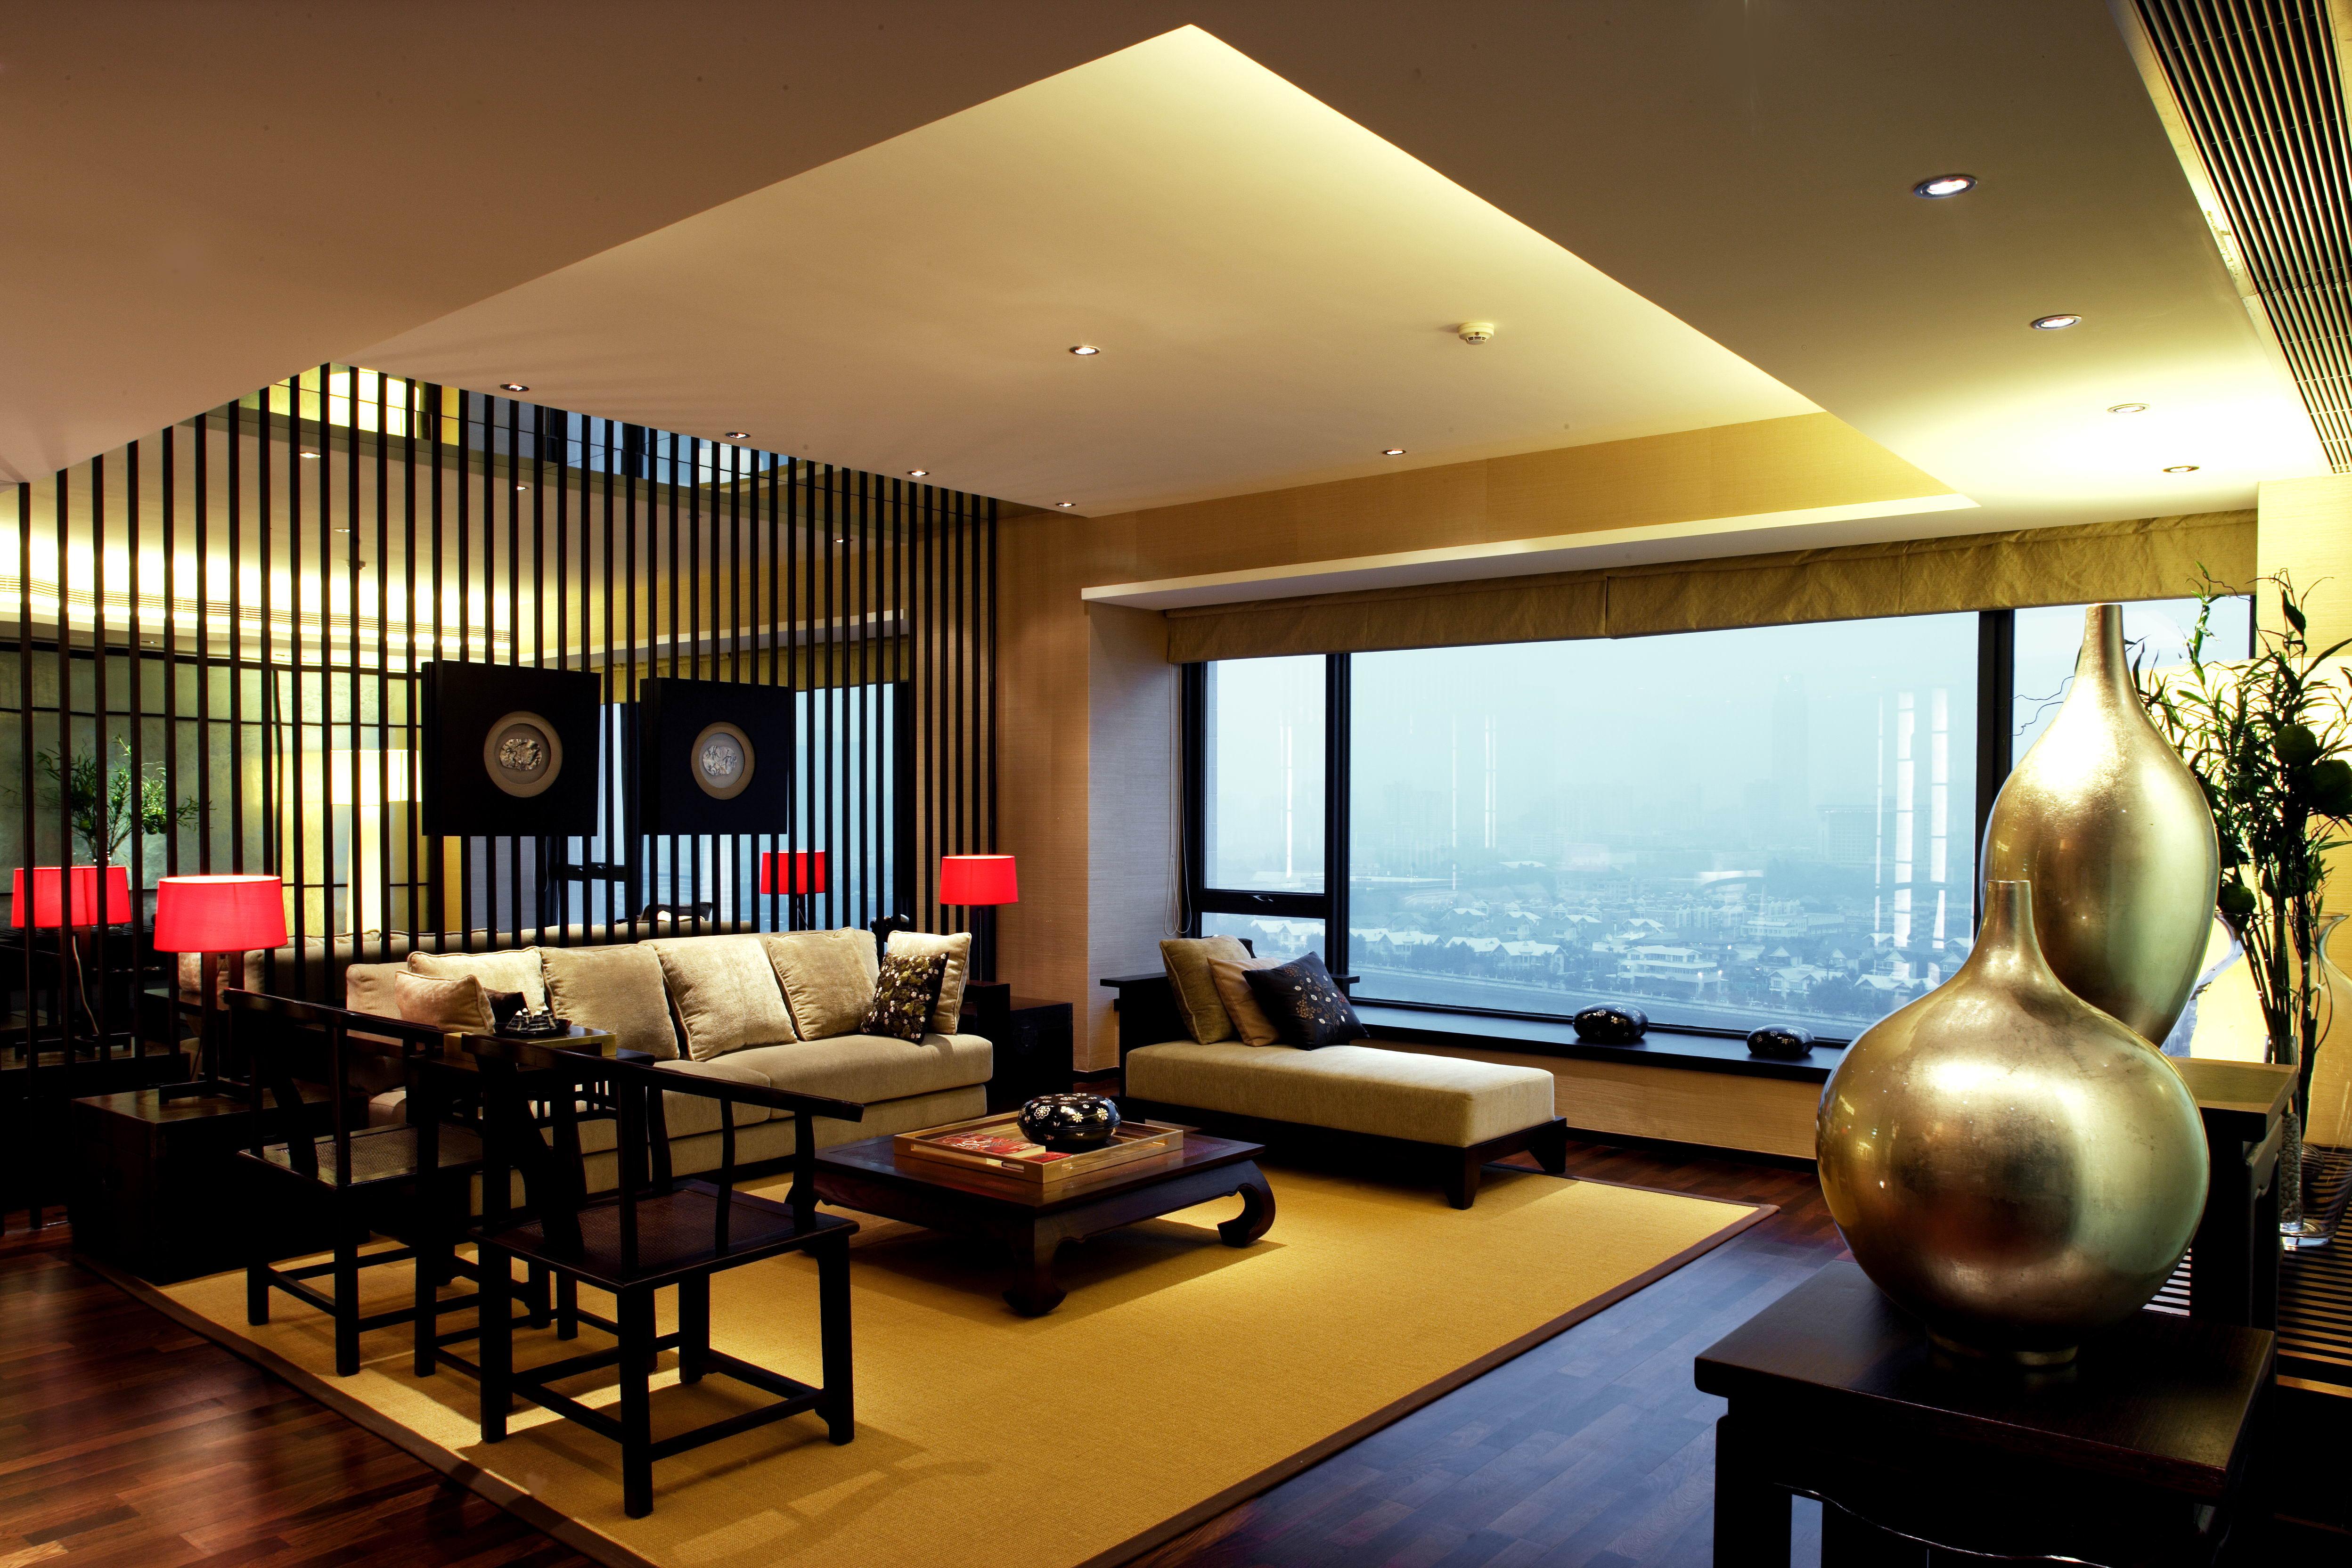 中式风格三居室200平米21万-云锦世家别墅装修案例-房